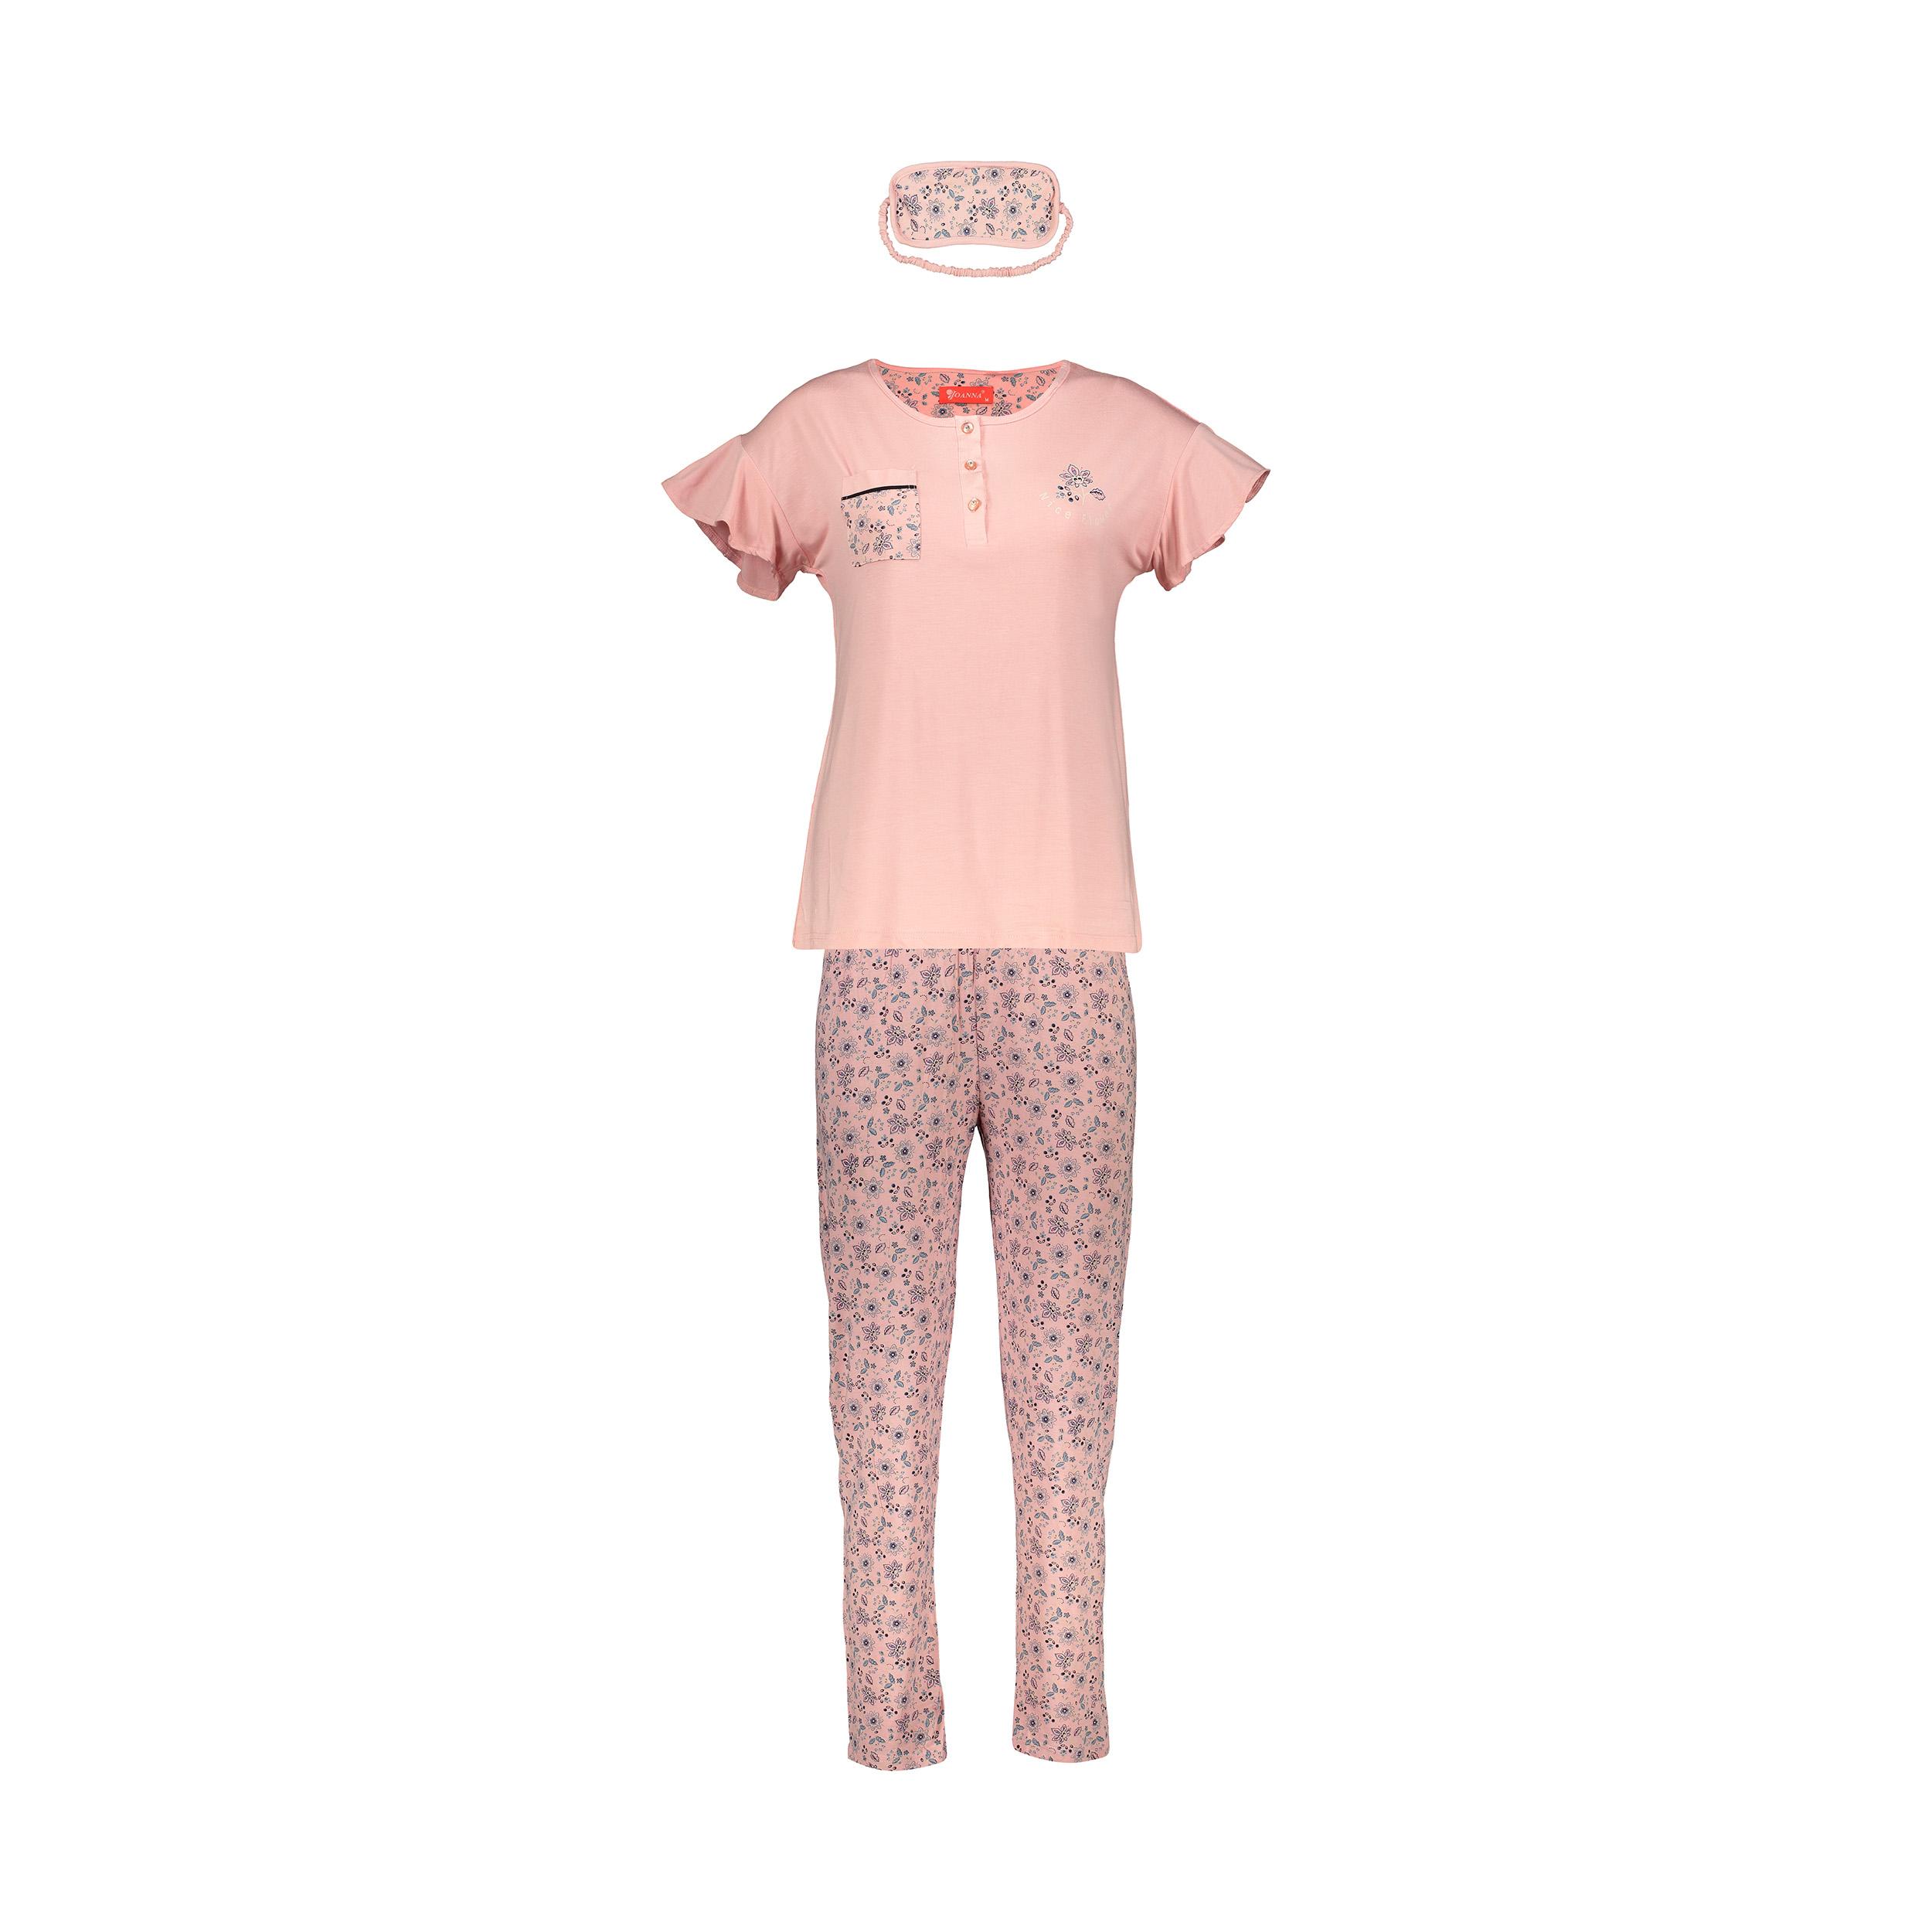 ست لباس راحتی زنانه جوانا کد 281633-1              👗